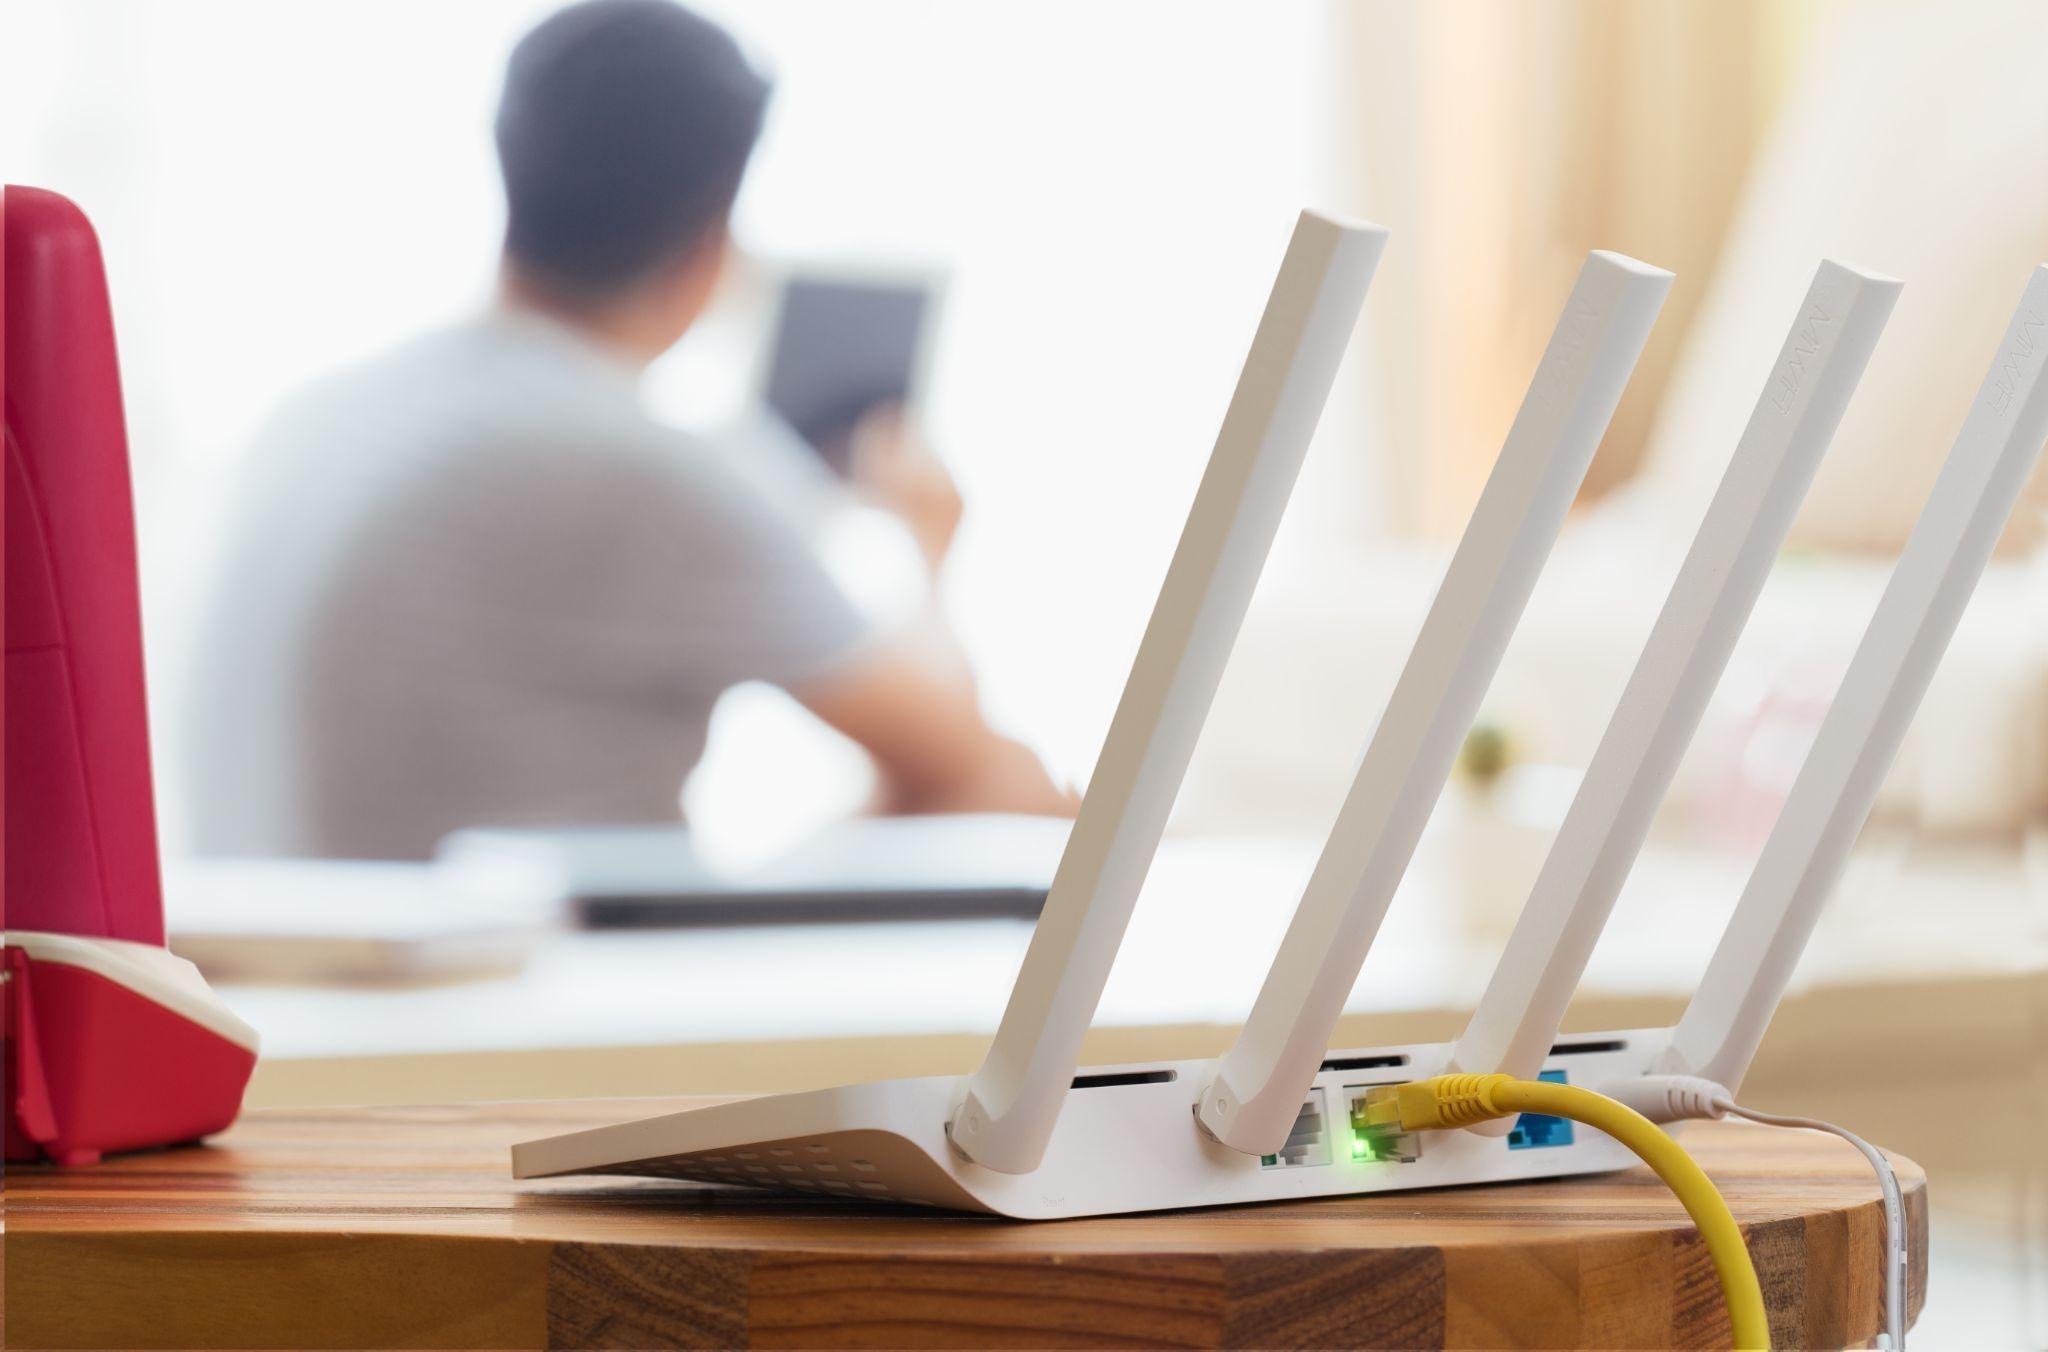 Étudiants : comment choisir sa box internet